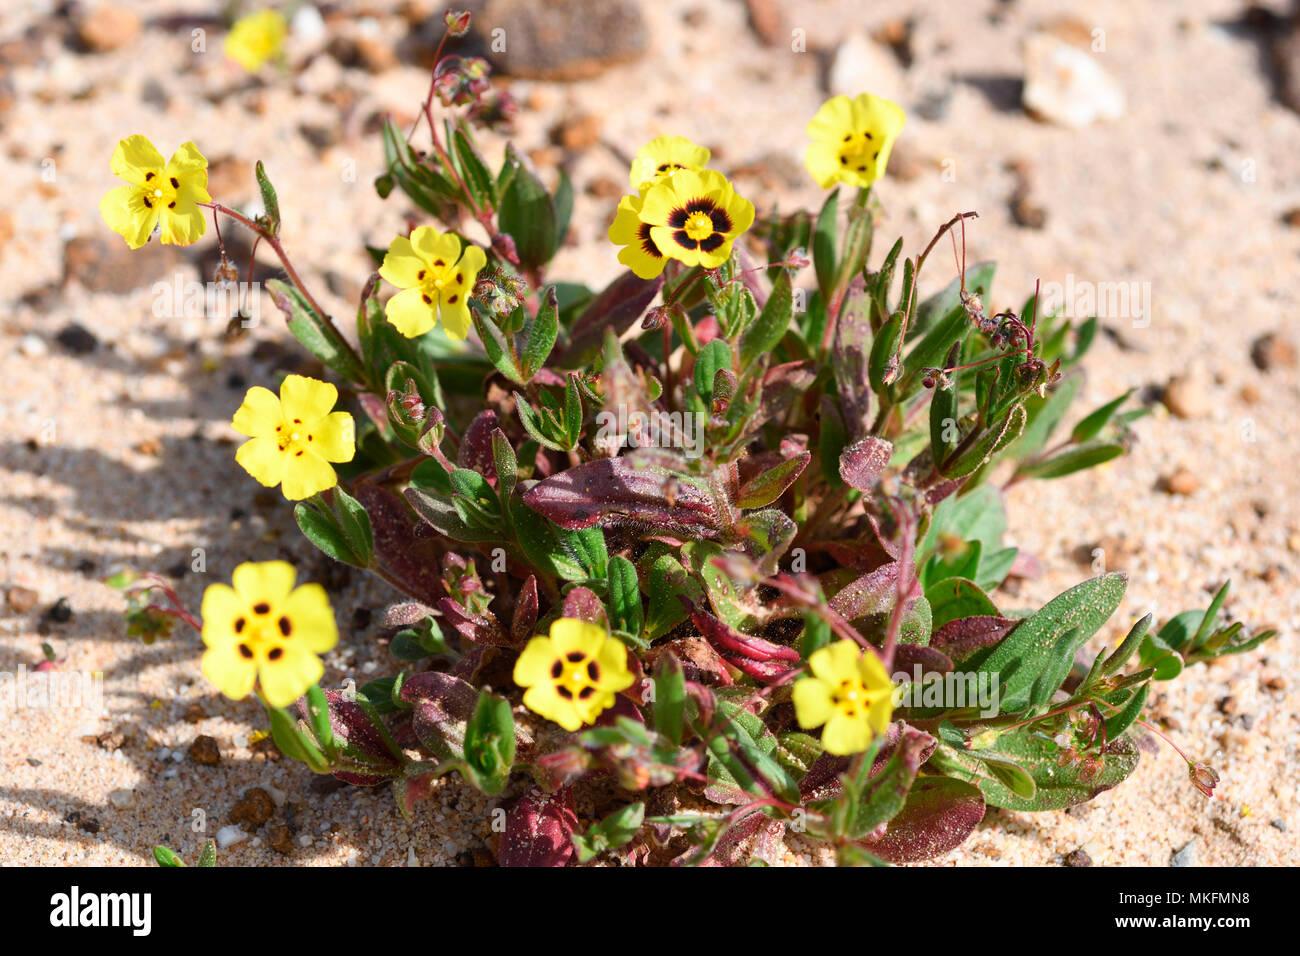 Europäischen frostweed (Tuberaria guttata) Stockbild